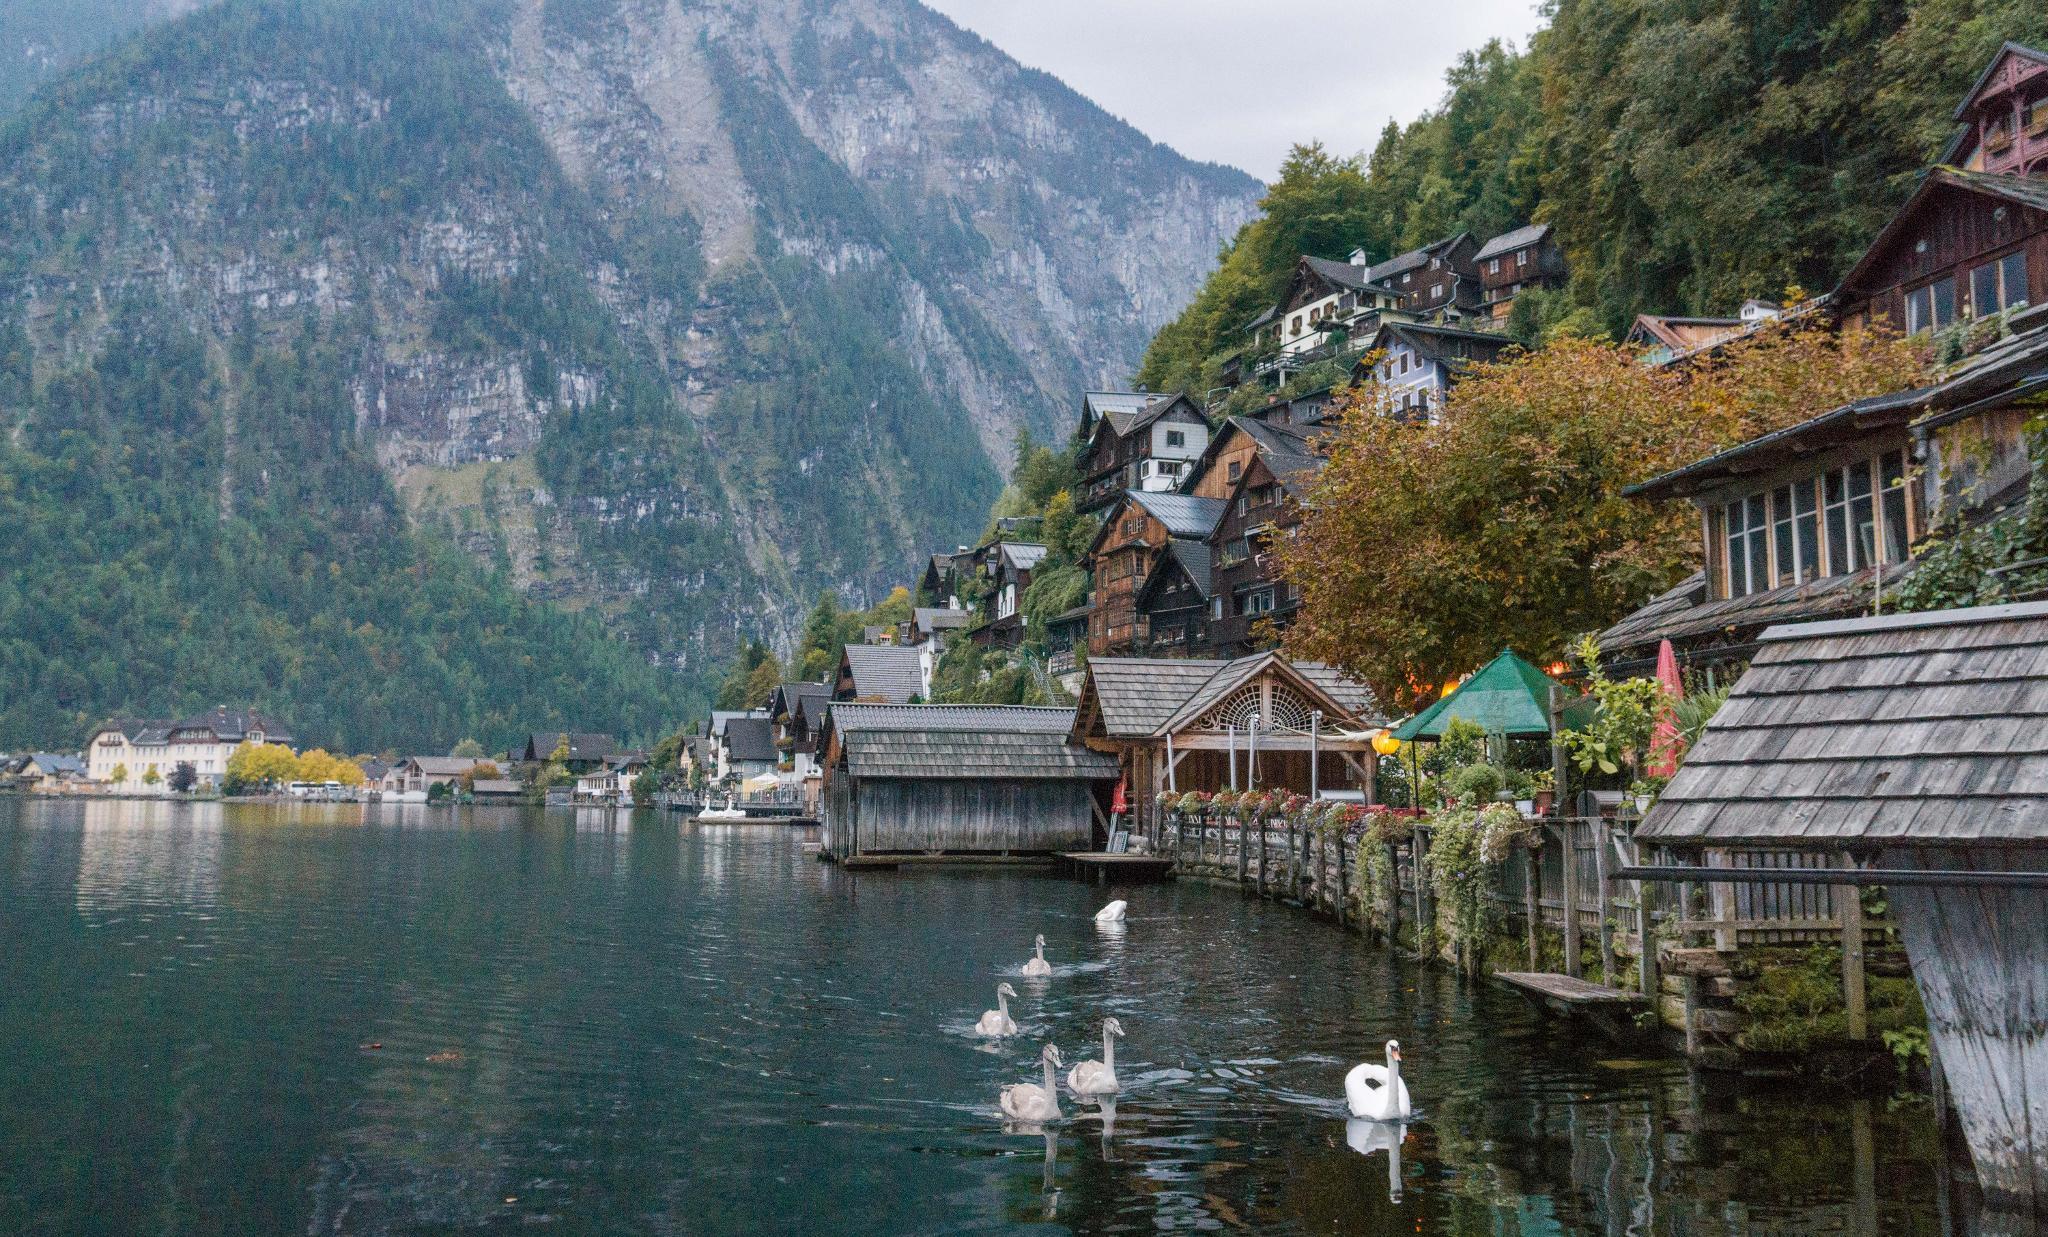 【奧地利】童話仙境 Hallstatt 哈修塔特 — 追逐世界遺產小鎮的夢幻黃金日出 37